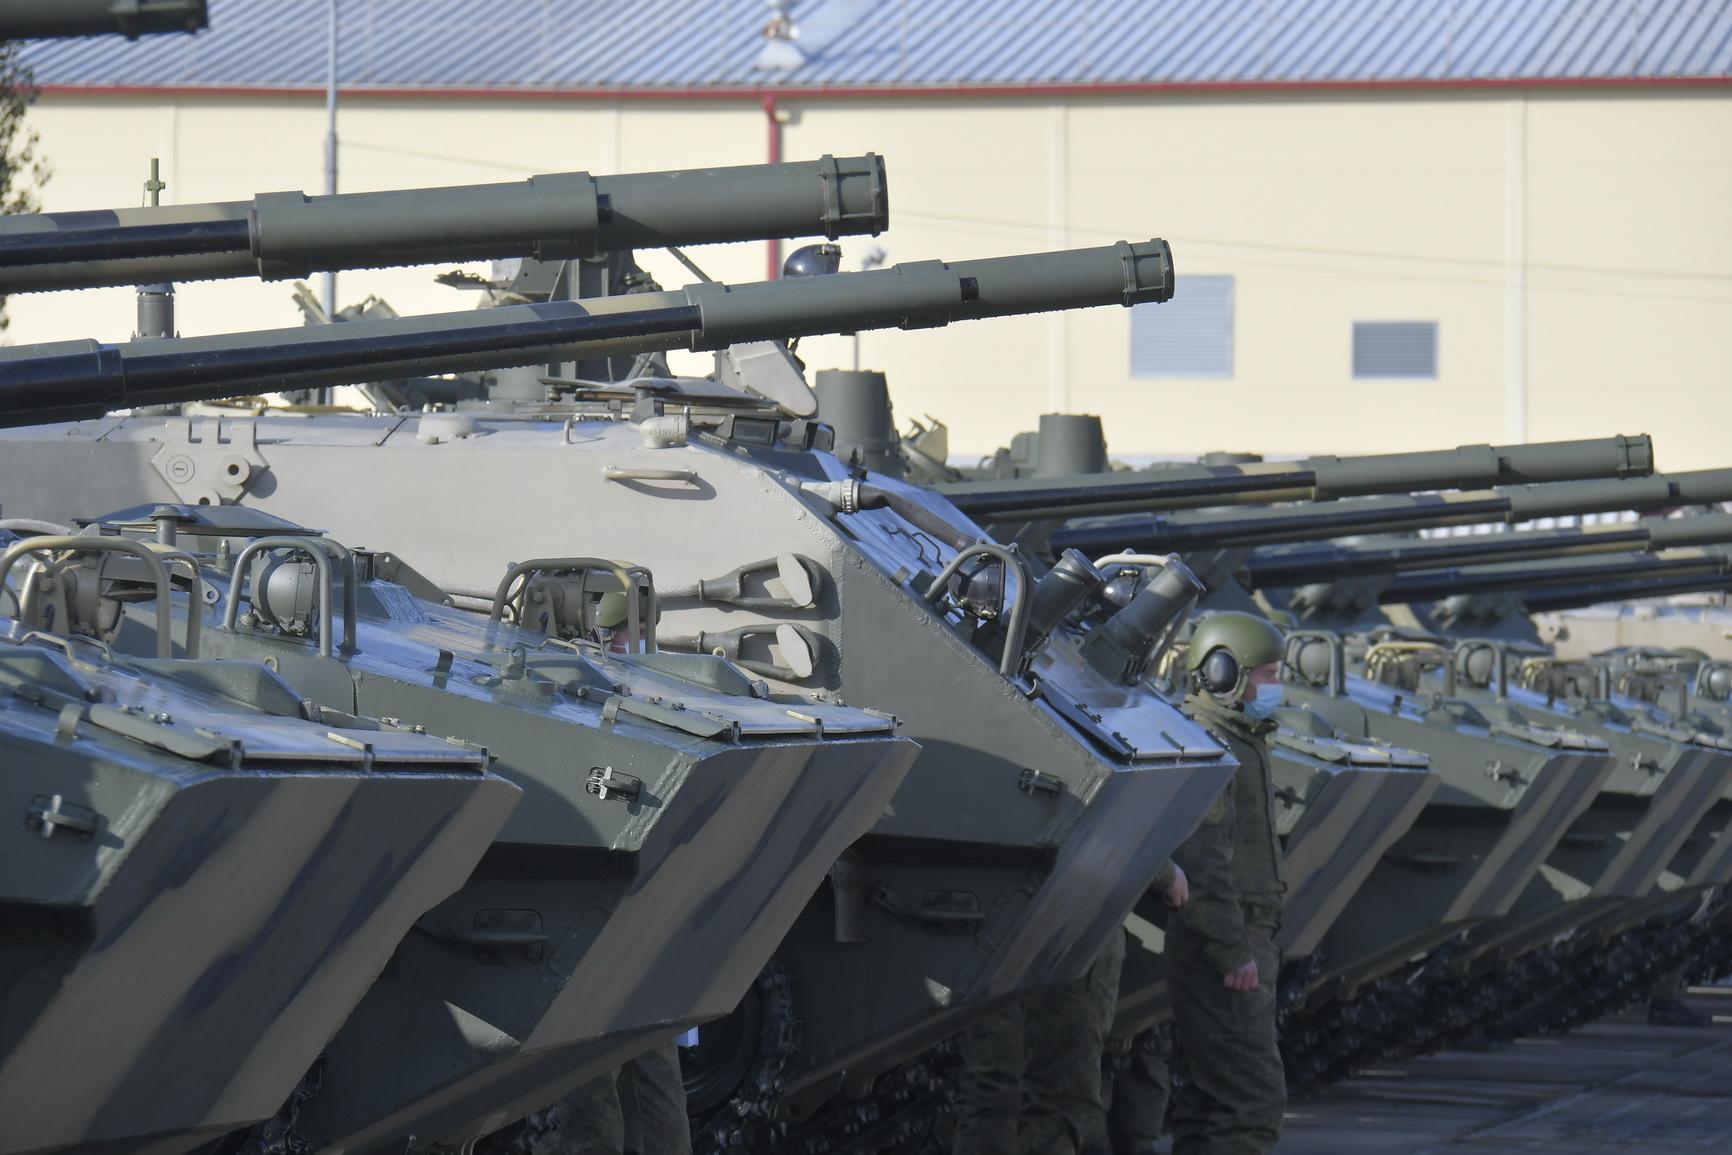 Батальонный комплект новейшей боевой техники БМД-4М и БТР-МДМ «Ракушка» поступил на вооружение Новороссийского десантно-штурмового соединения.